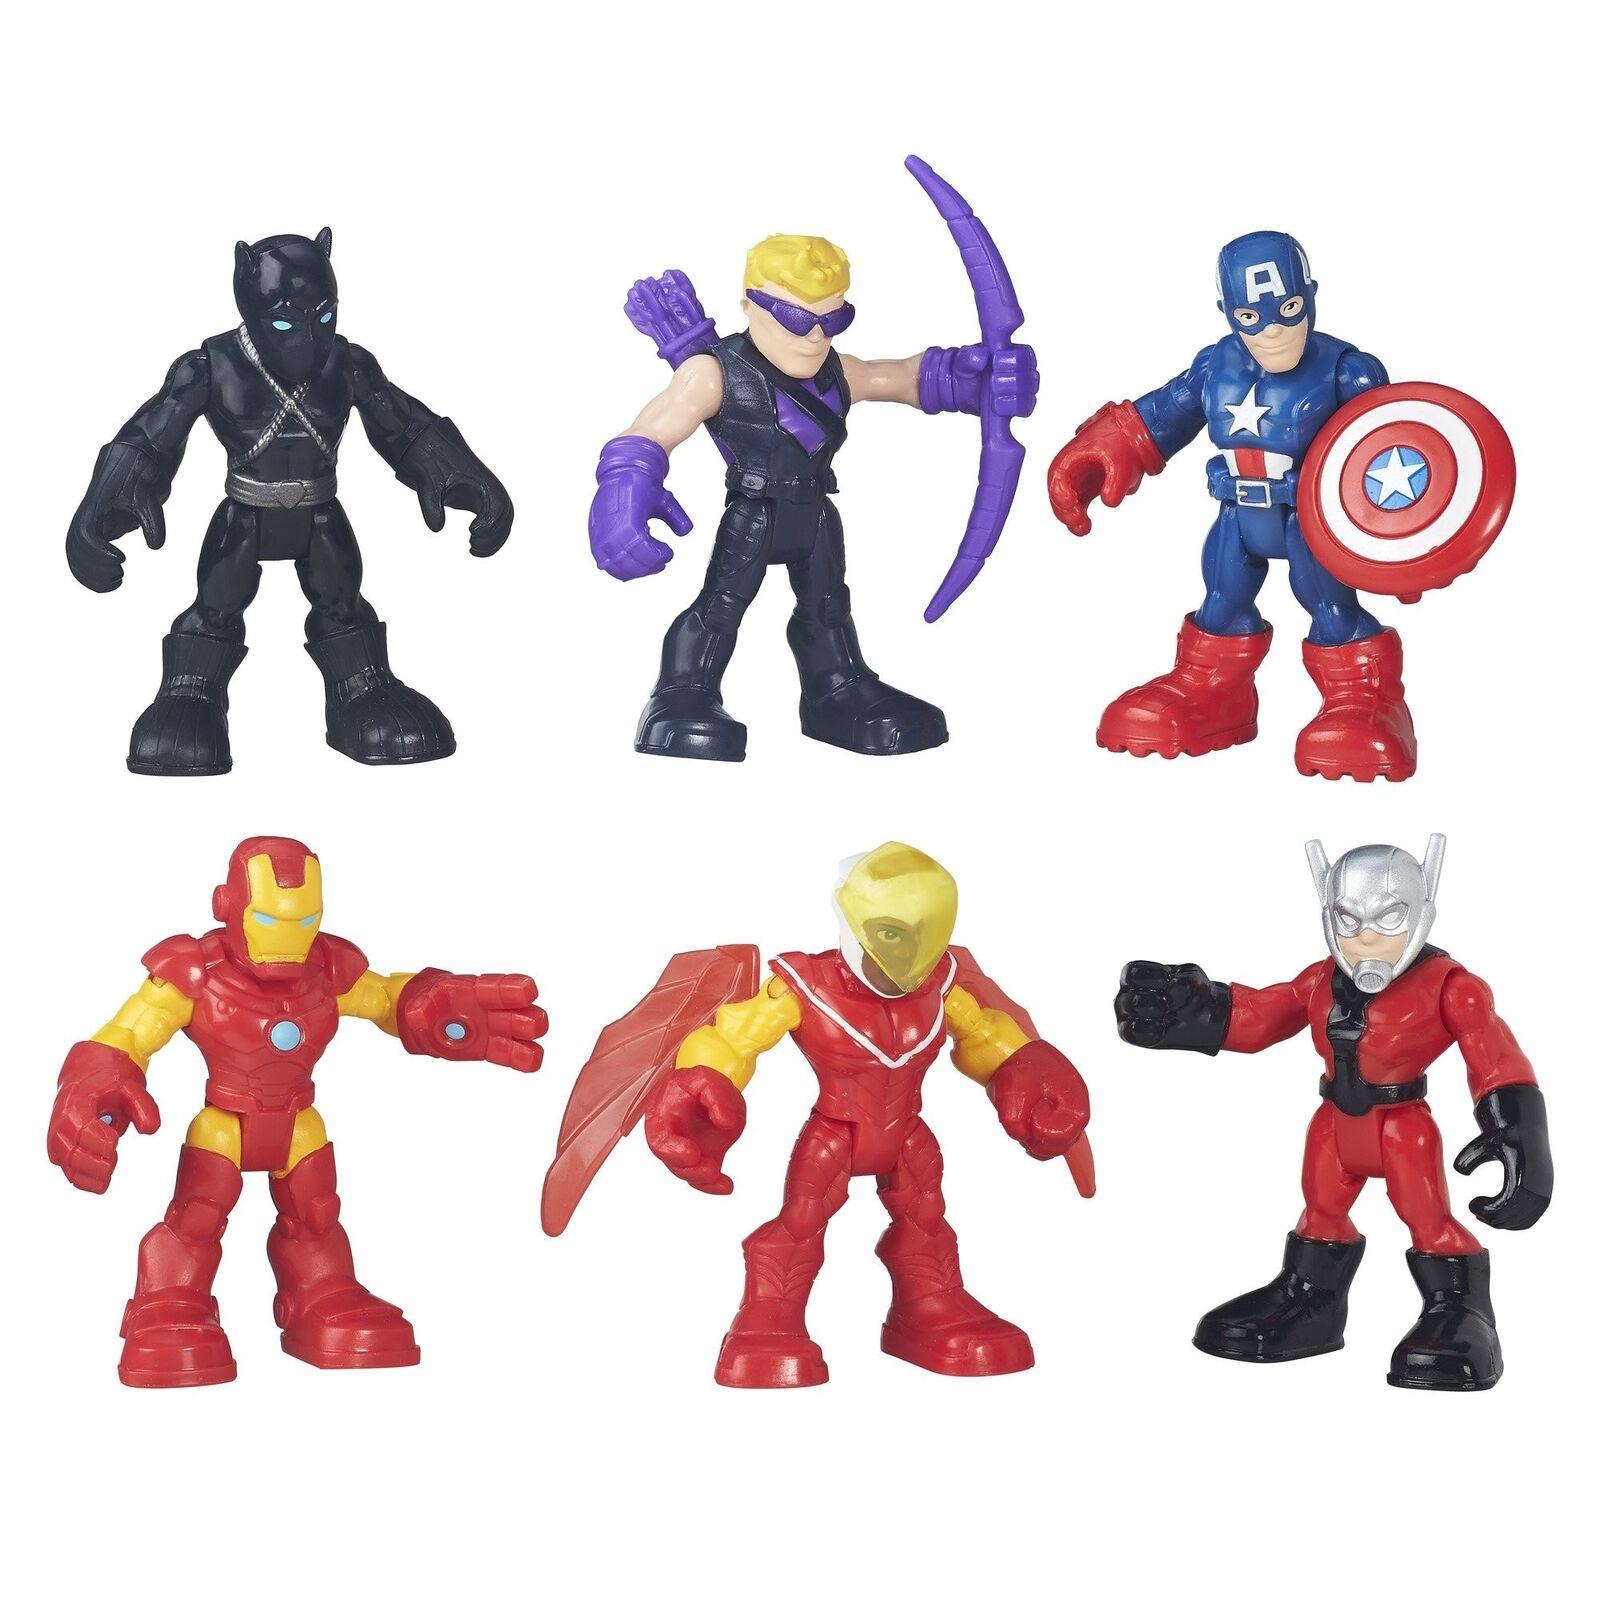 Helden super - held amerikas super - dschungel - abenteuer capitan